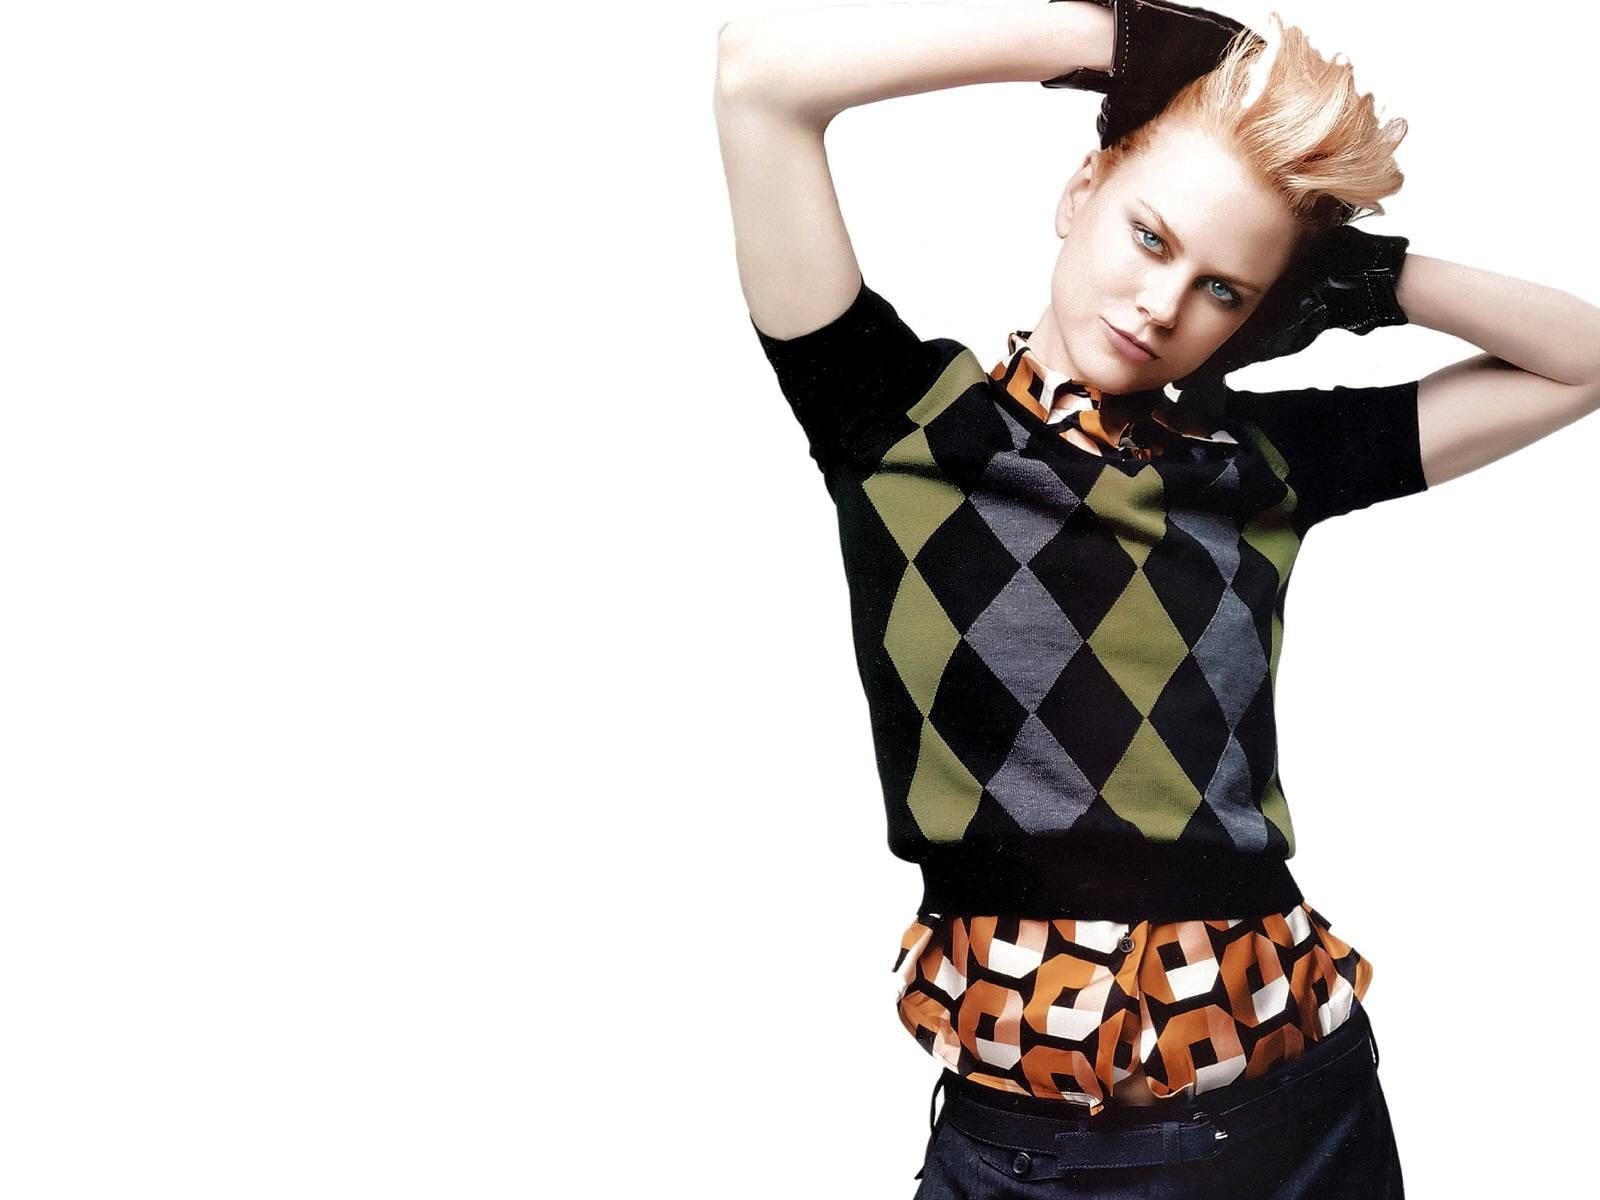 Wallpaper di Nicole Kidman in versione fashion per Vogue